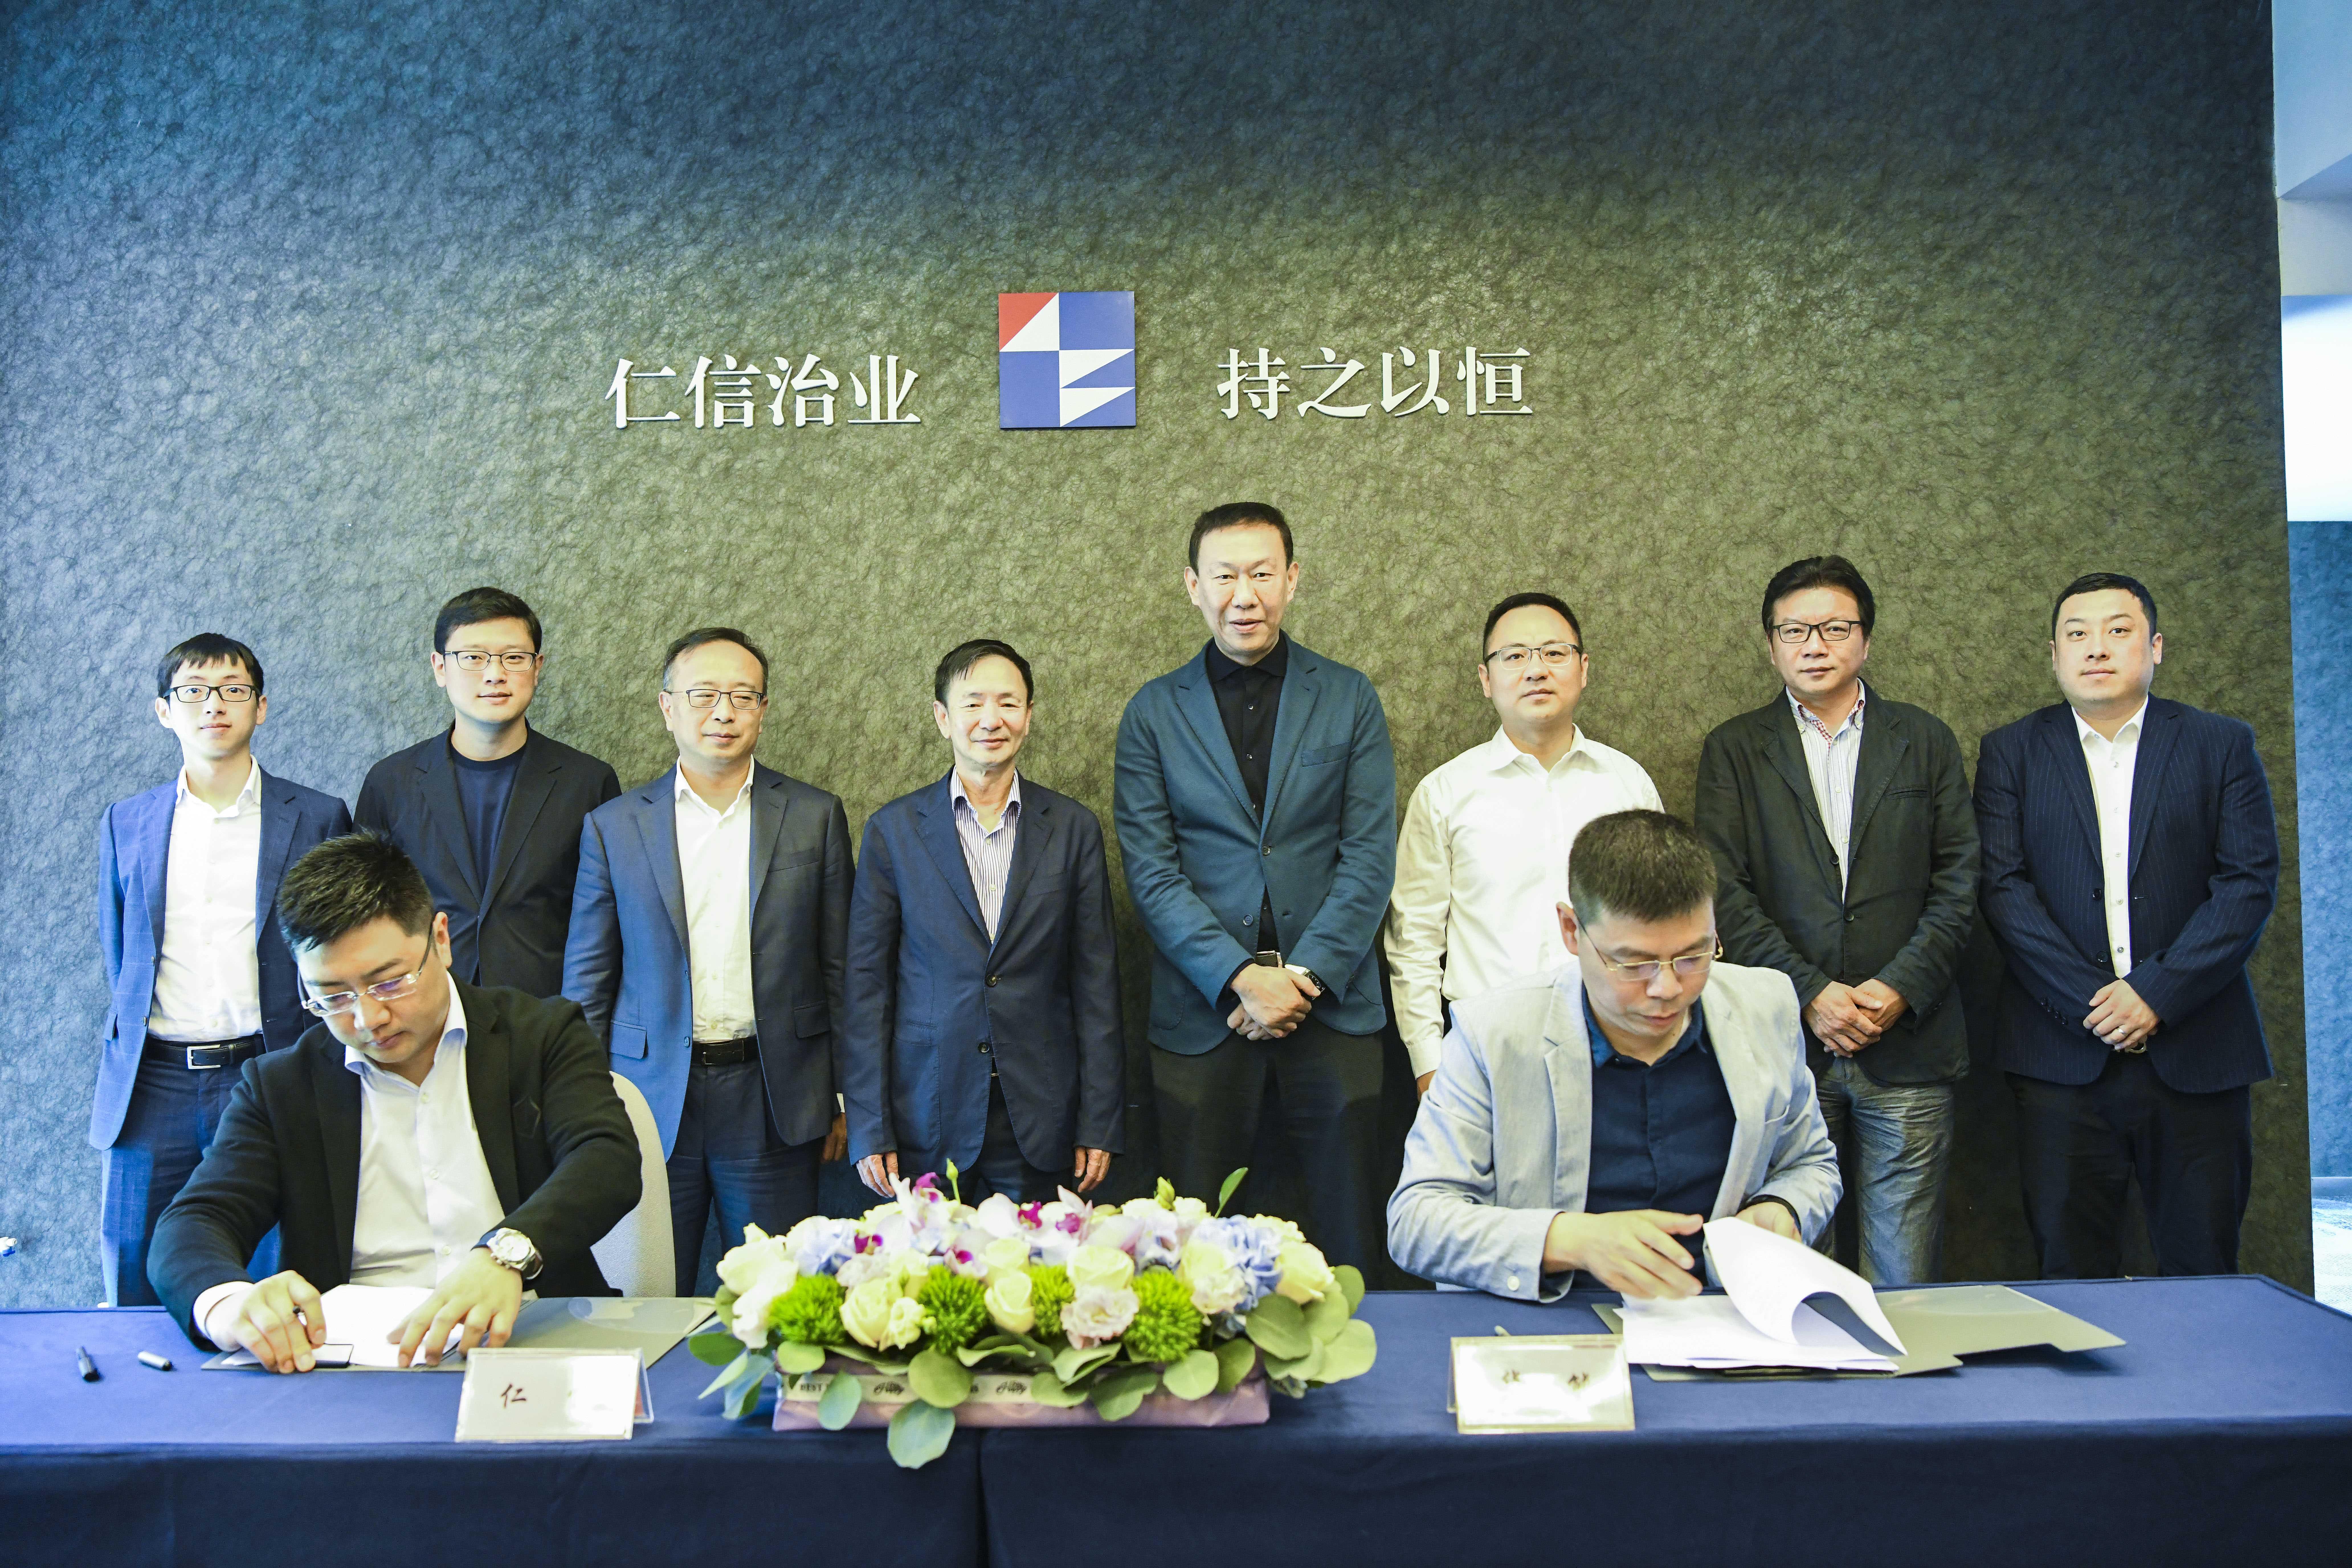 吳永鋼出席華能(南京)資產管理公司與仁恒(中國)投資集團戰略合作協議簽署儀式